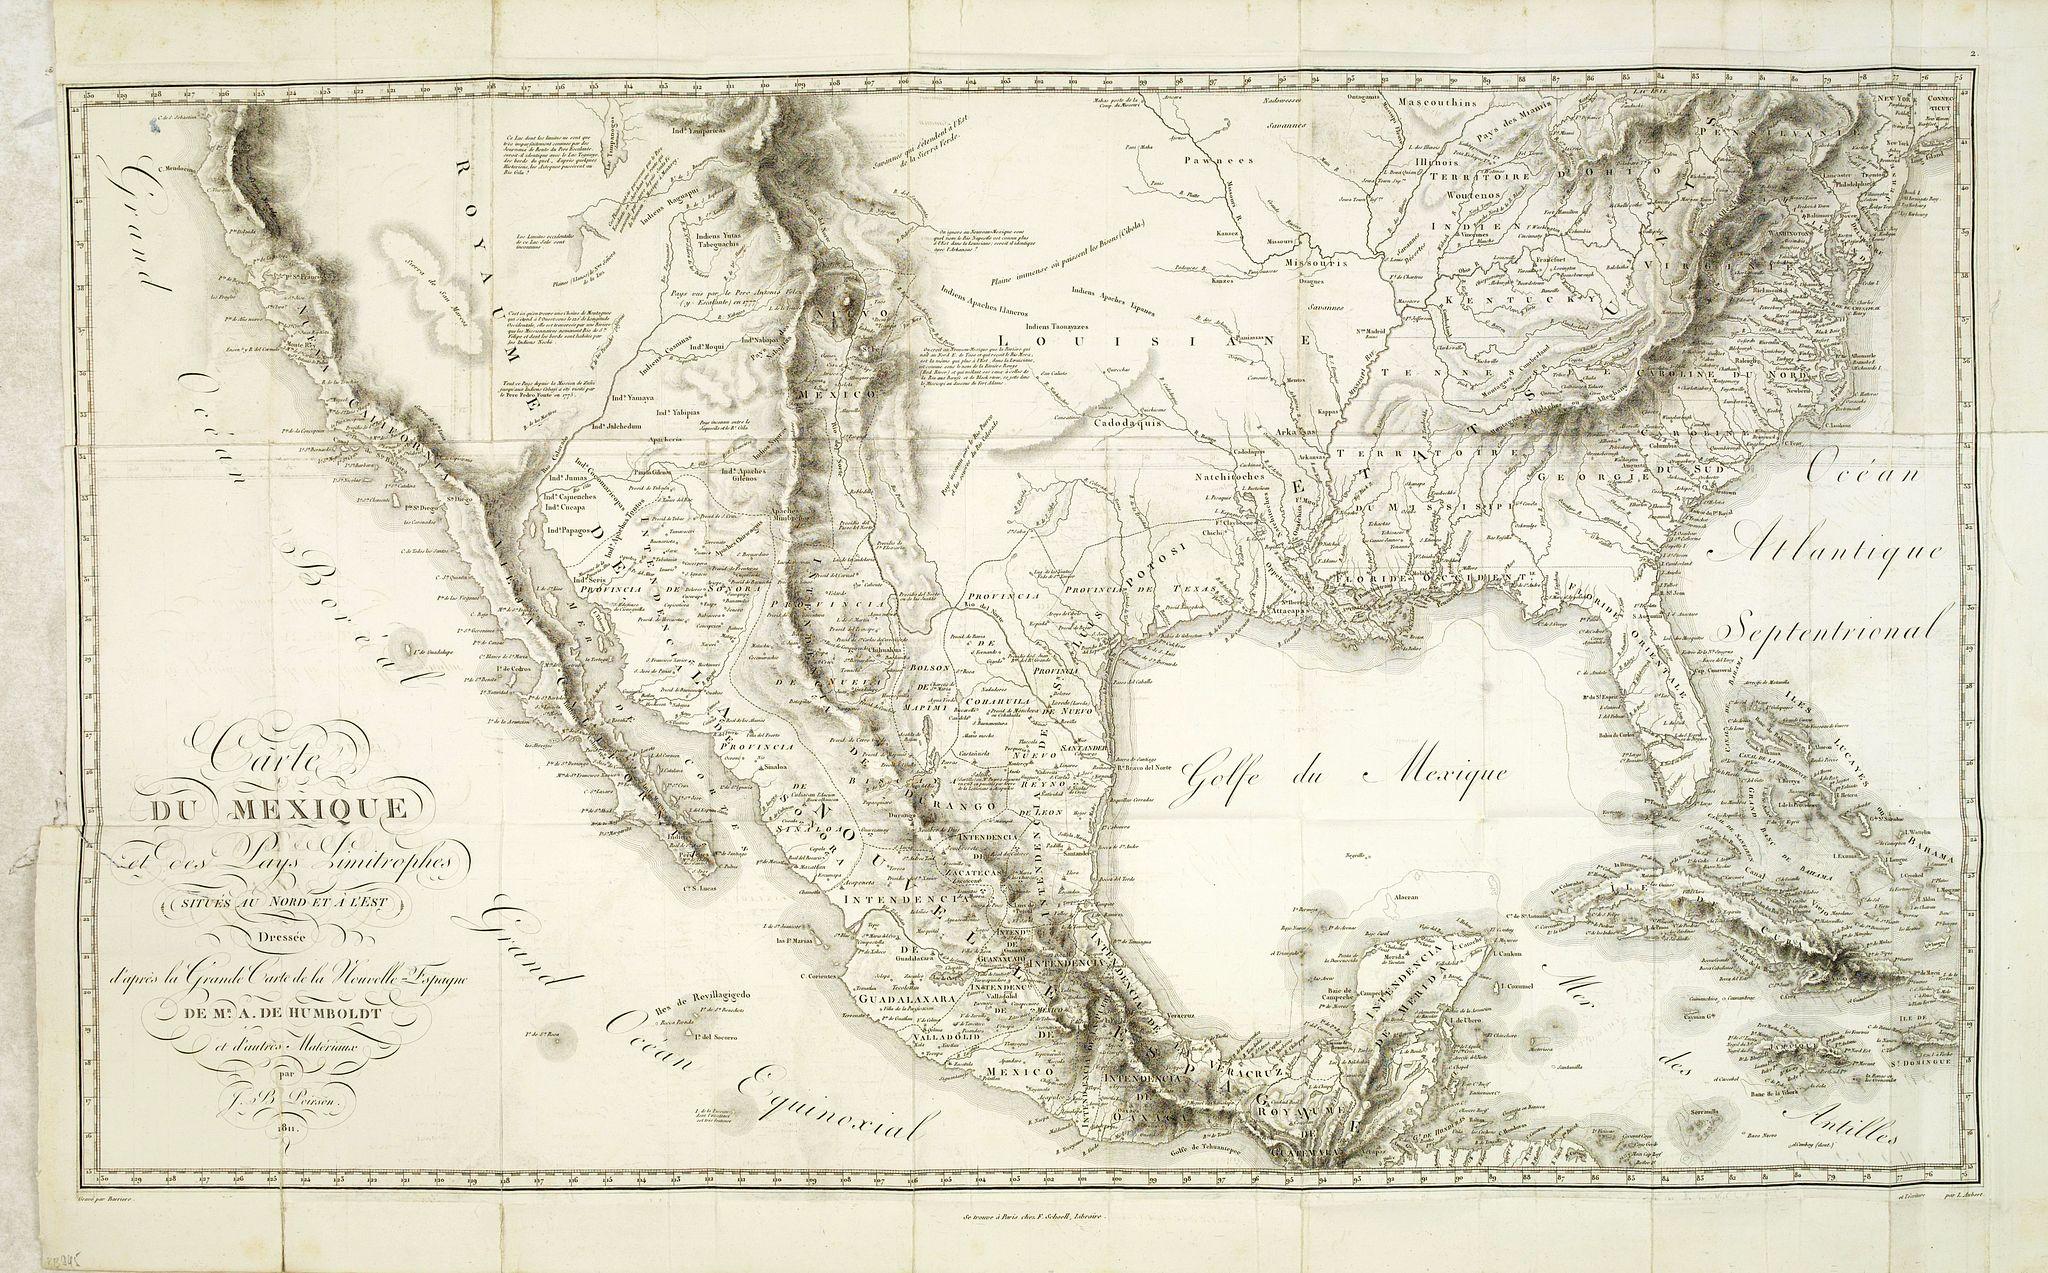 HUMBOLDT, A. -  Carte du Mexique et des Pays Limitrophes situés au Nord et a l'Est Dressée d'apres la Grande Carte de la Nouvelle Espagne de Mr. A. de Humboldt et d'autres . . .